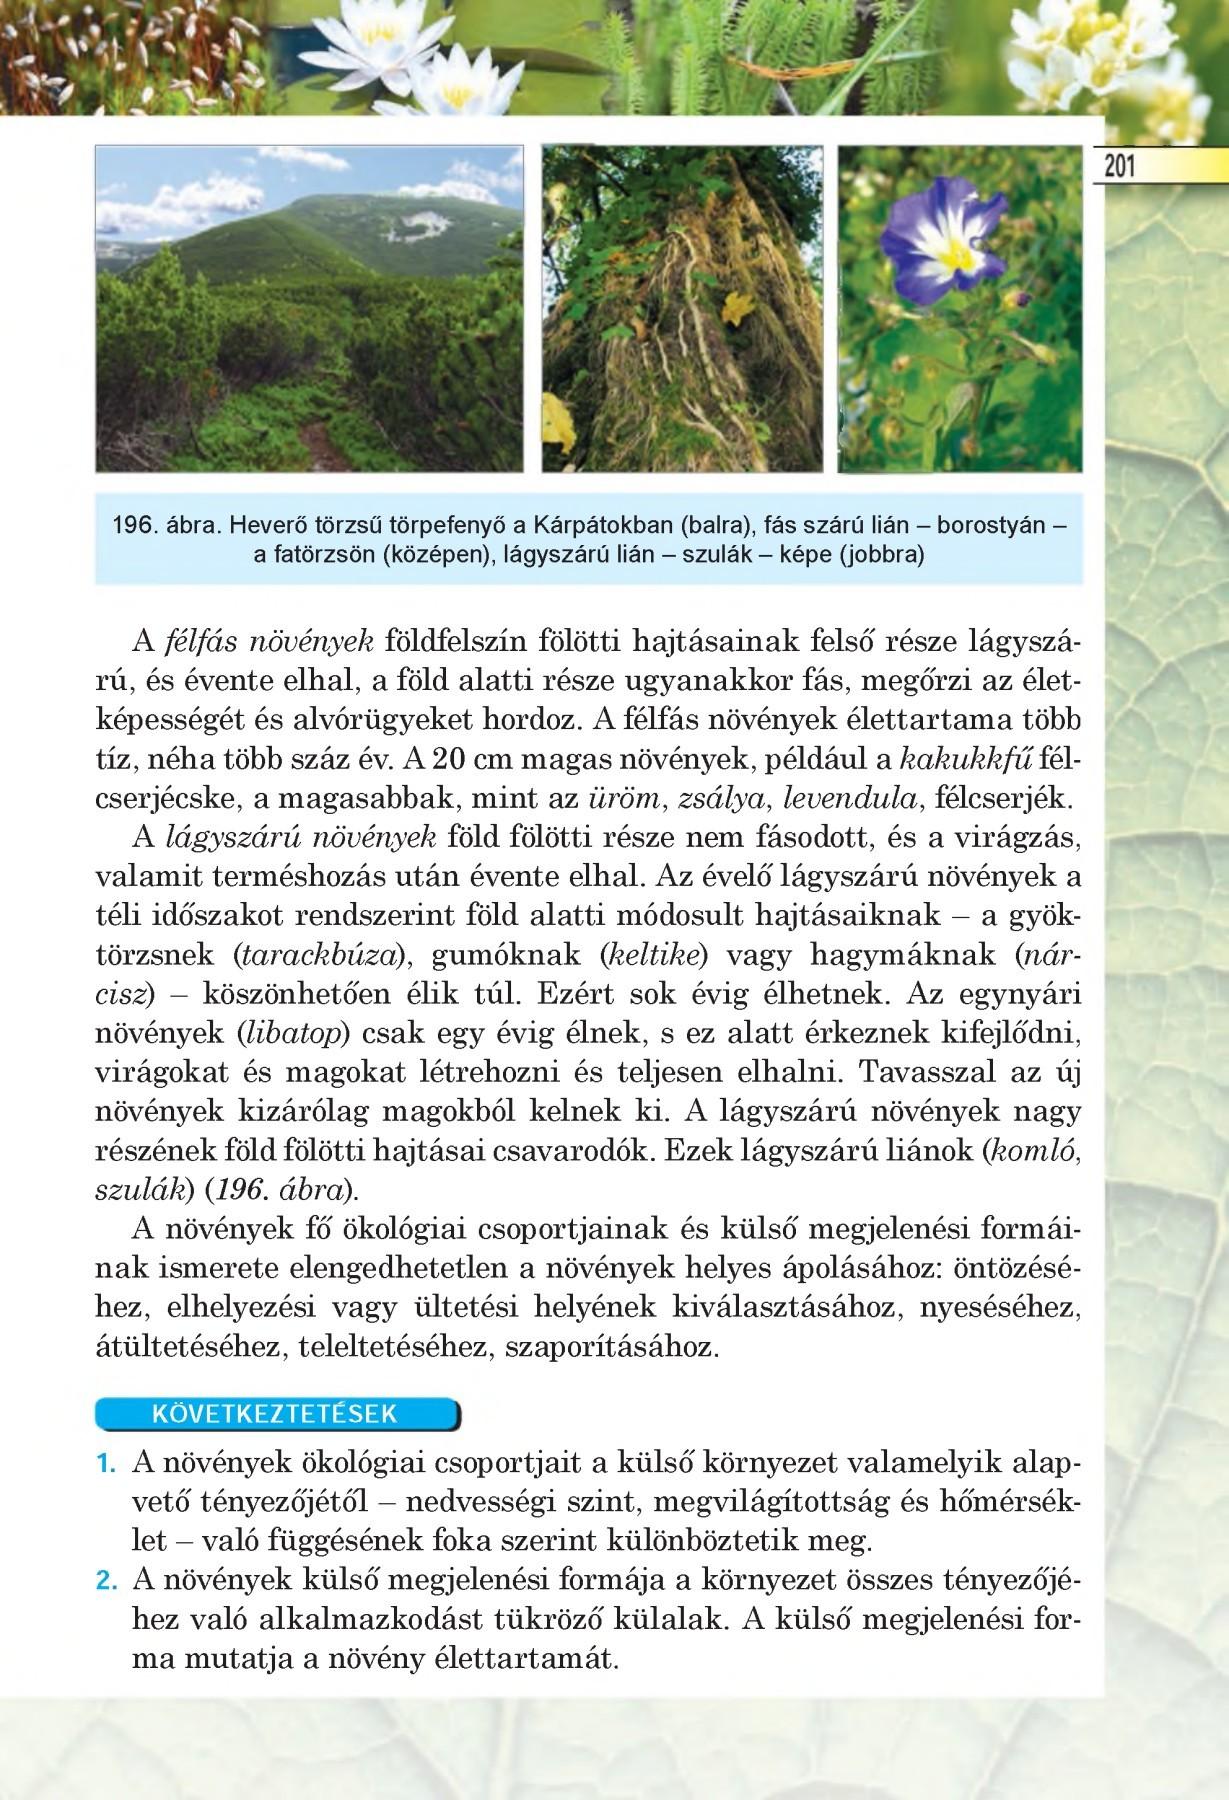 a paraziták ökológiai kategóriája